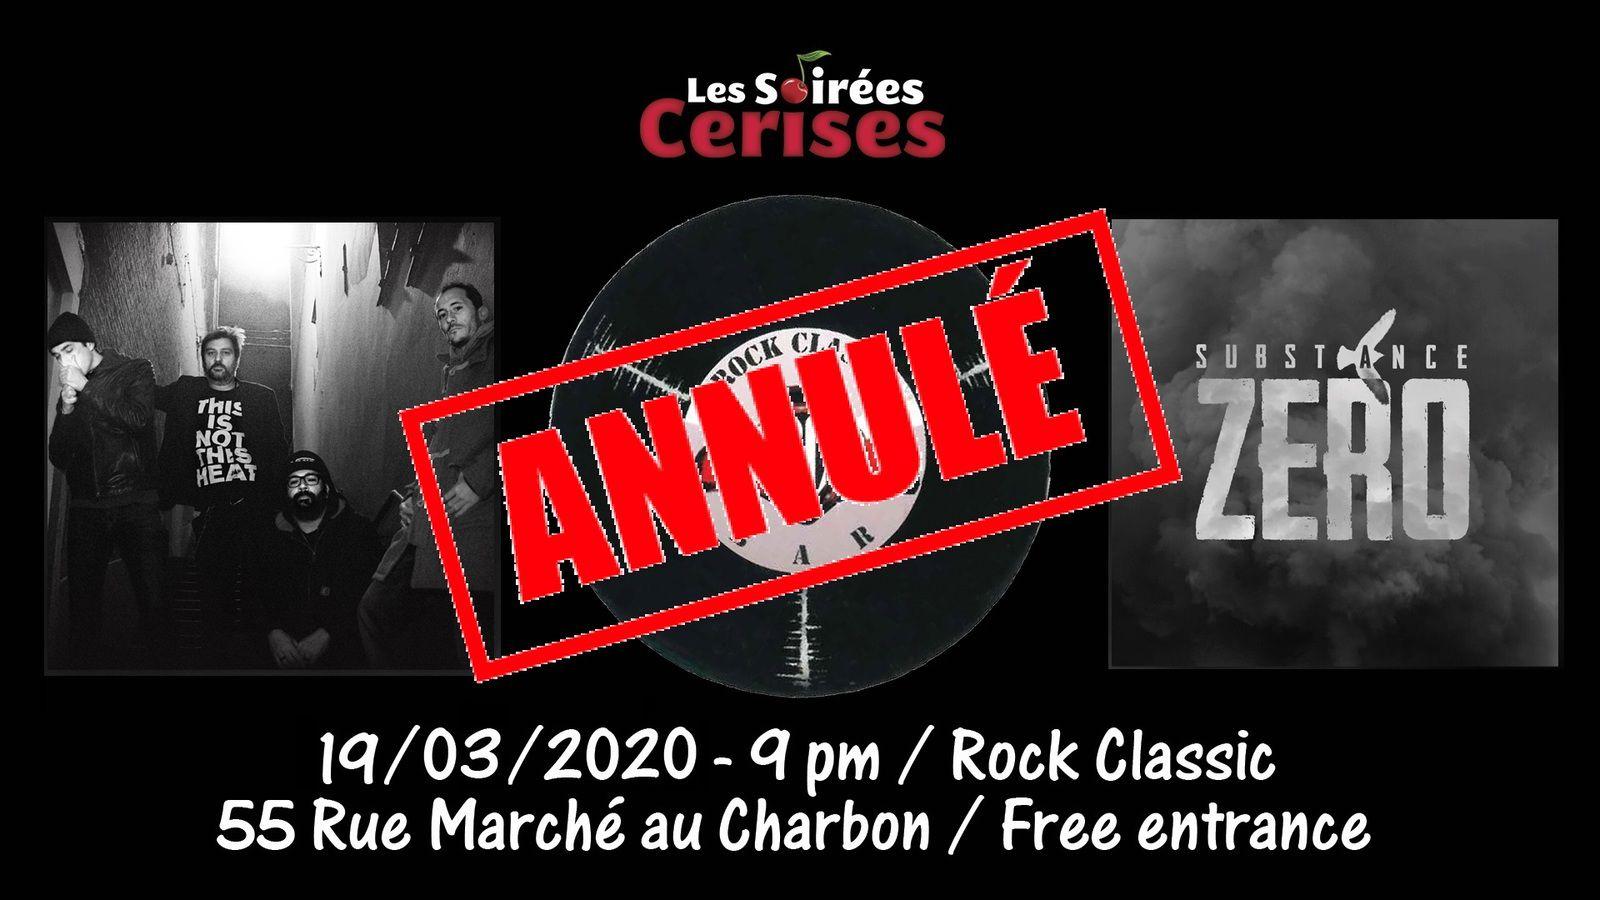 🎵 Substance zero @ Rock Classic- 19/03/2020 - annulé